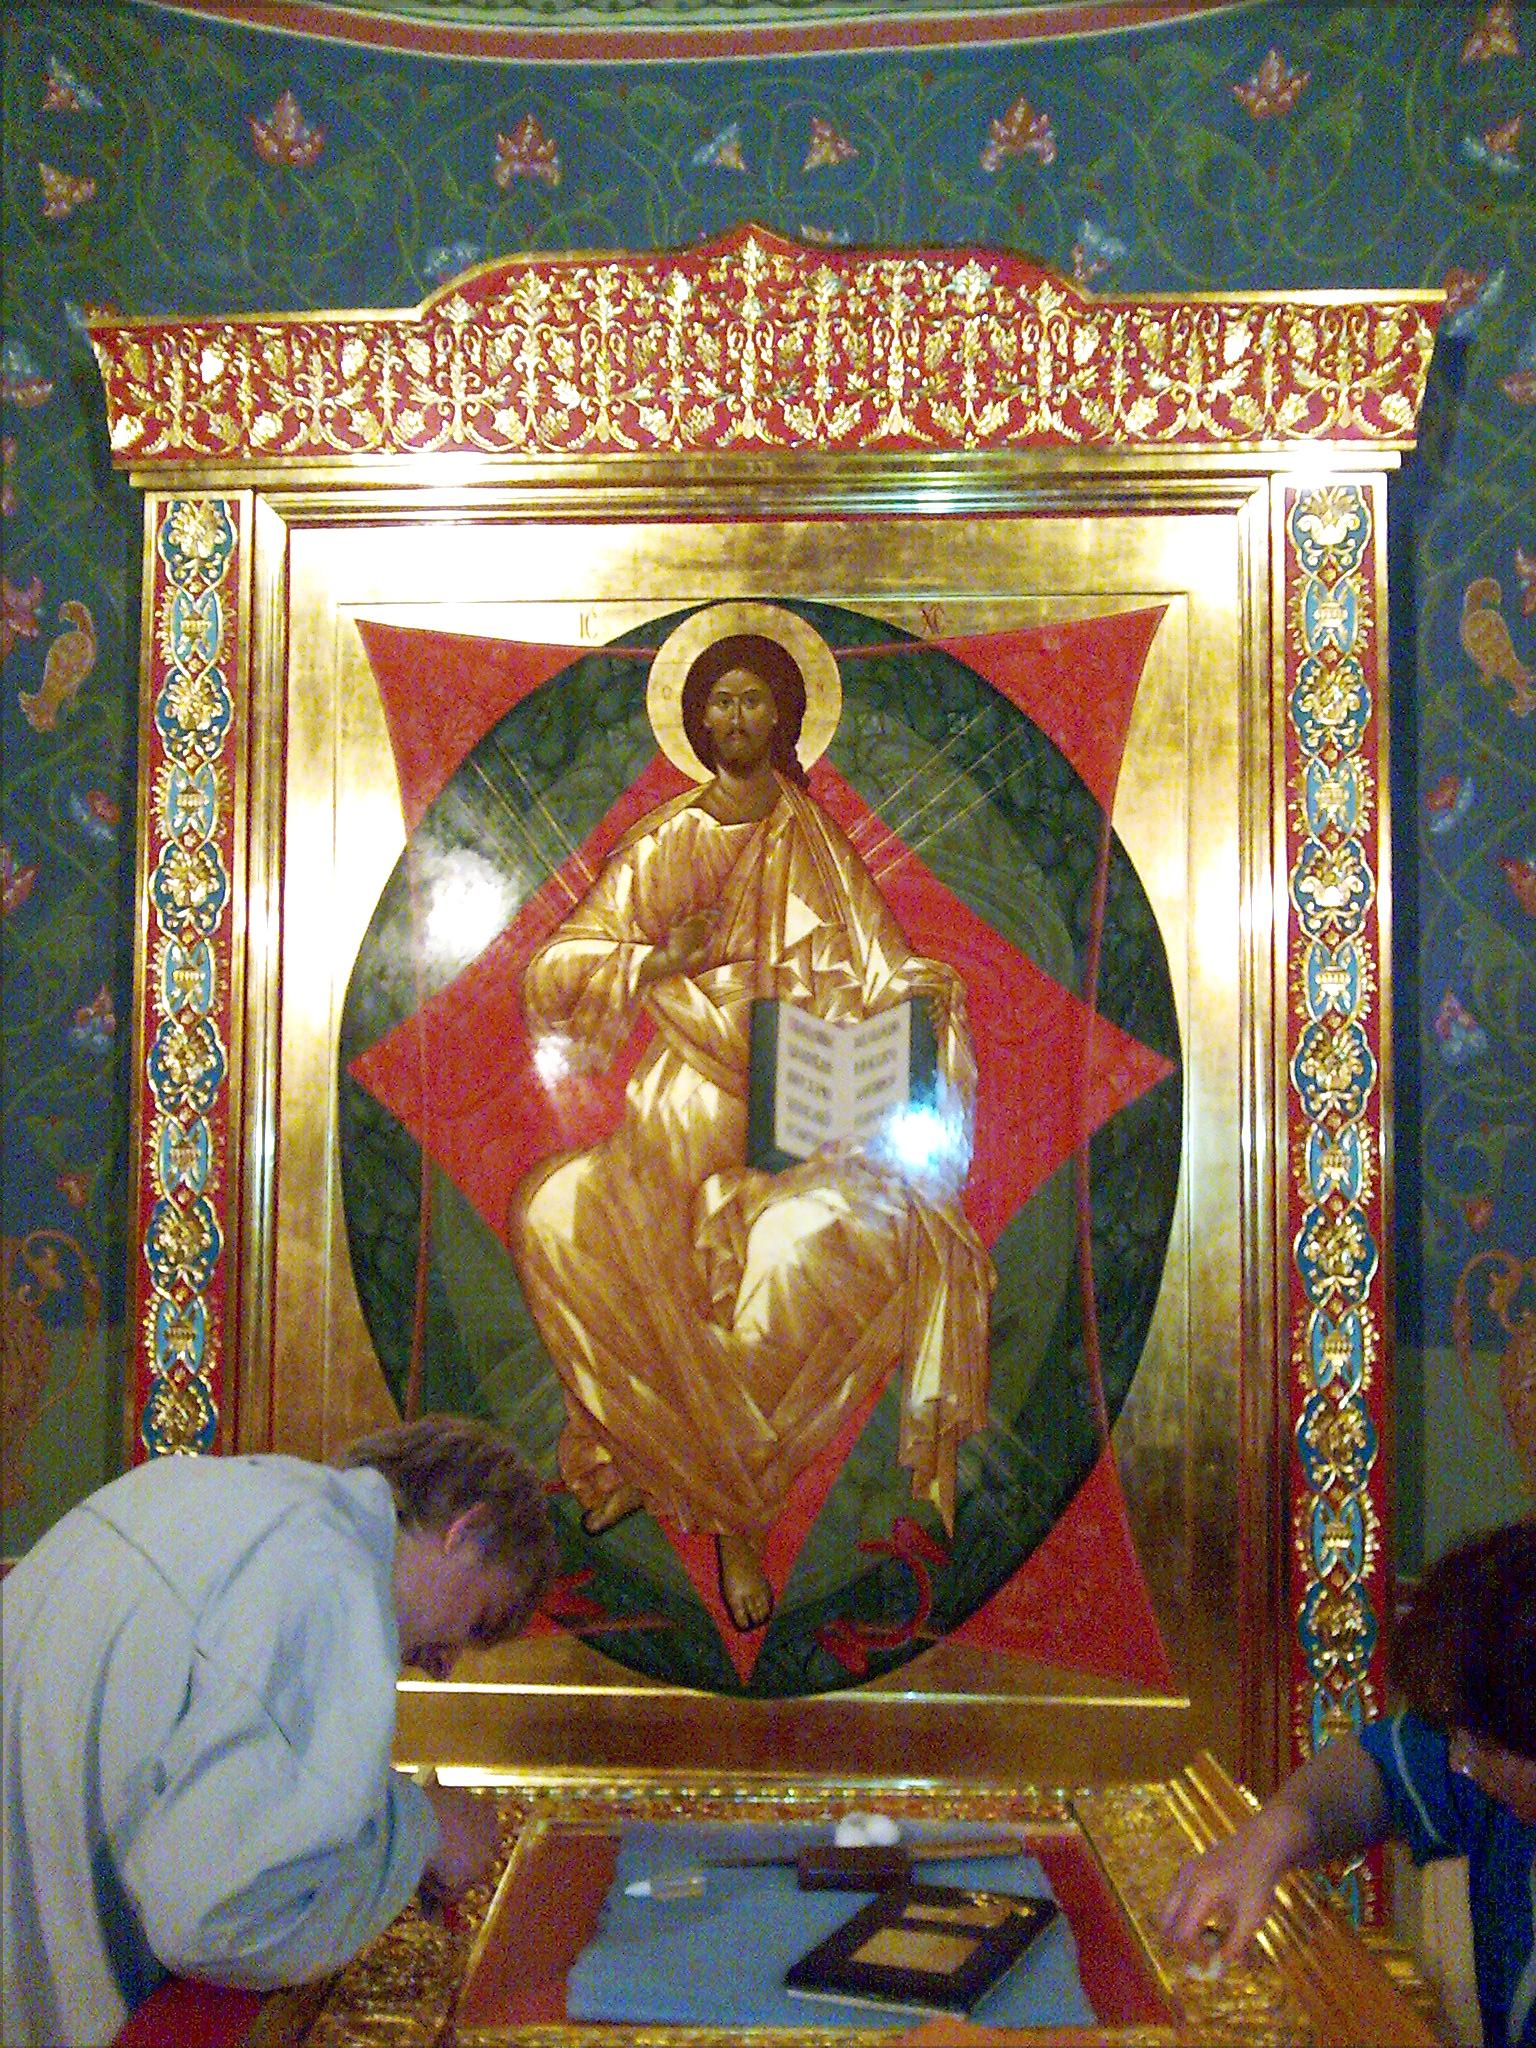 Золоченая резьба в интерьере храма